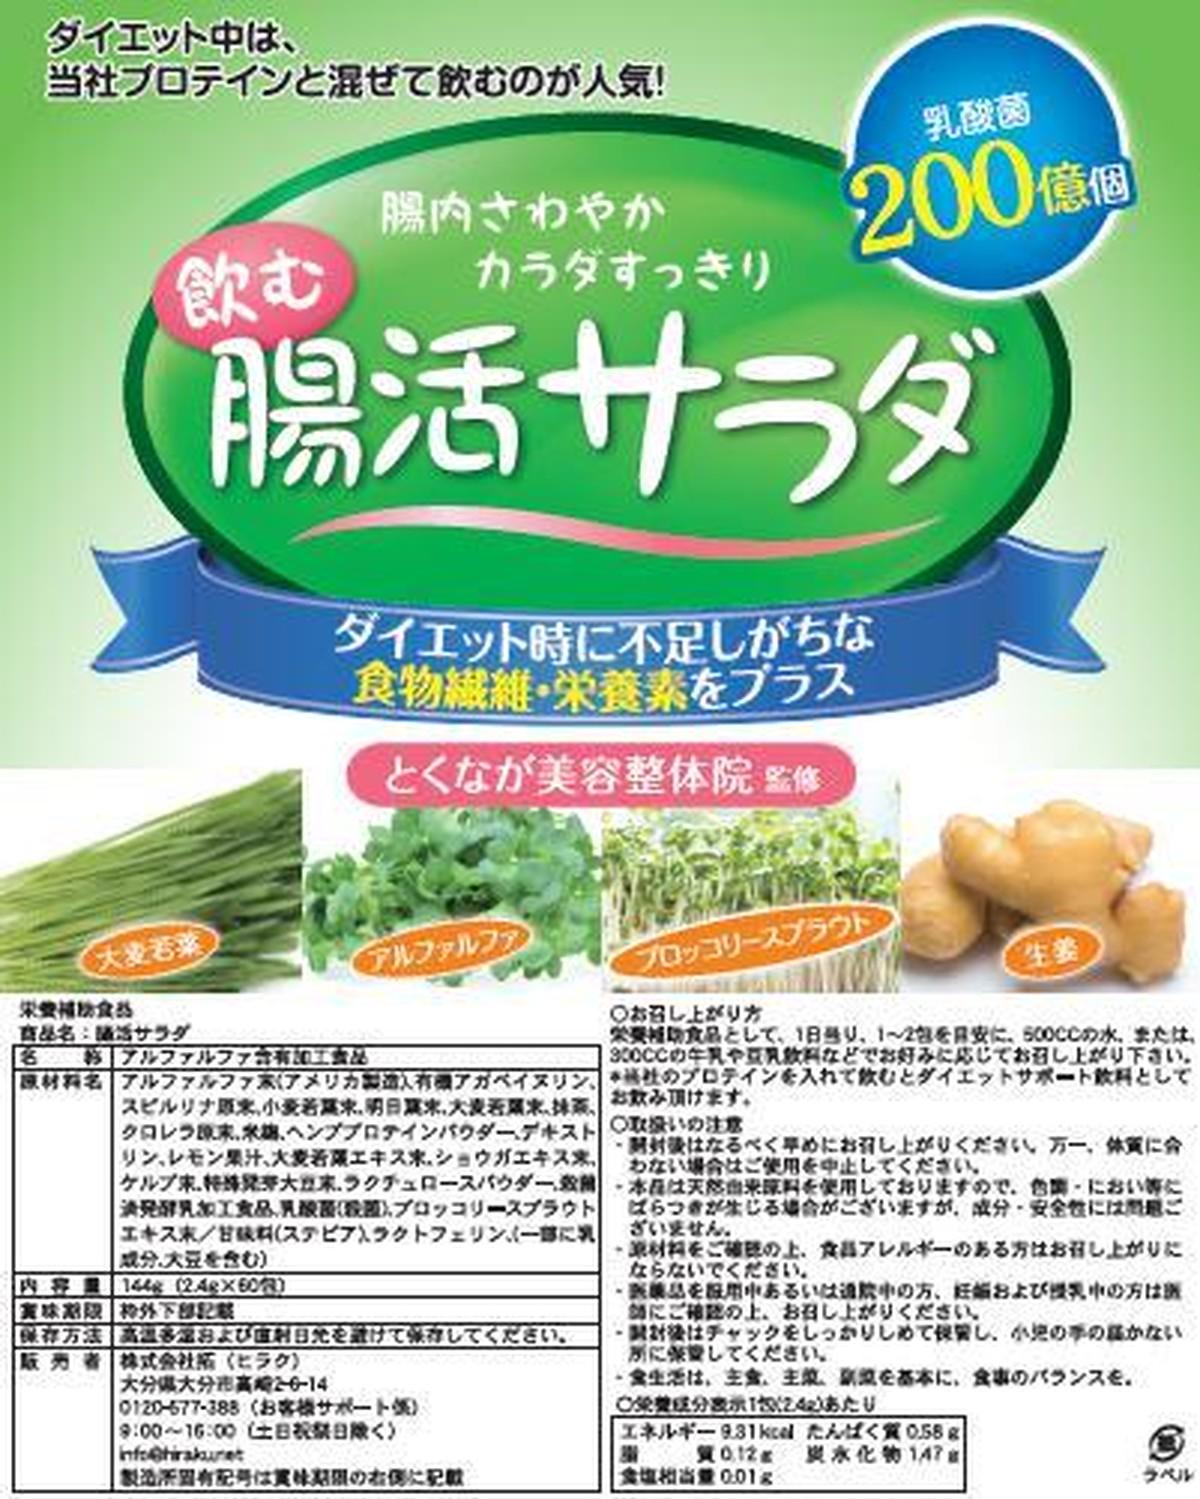 腸活サラダ~飲む腸活サラダはセレブの為の腸内環境正常化サプリ ...